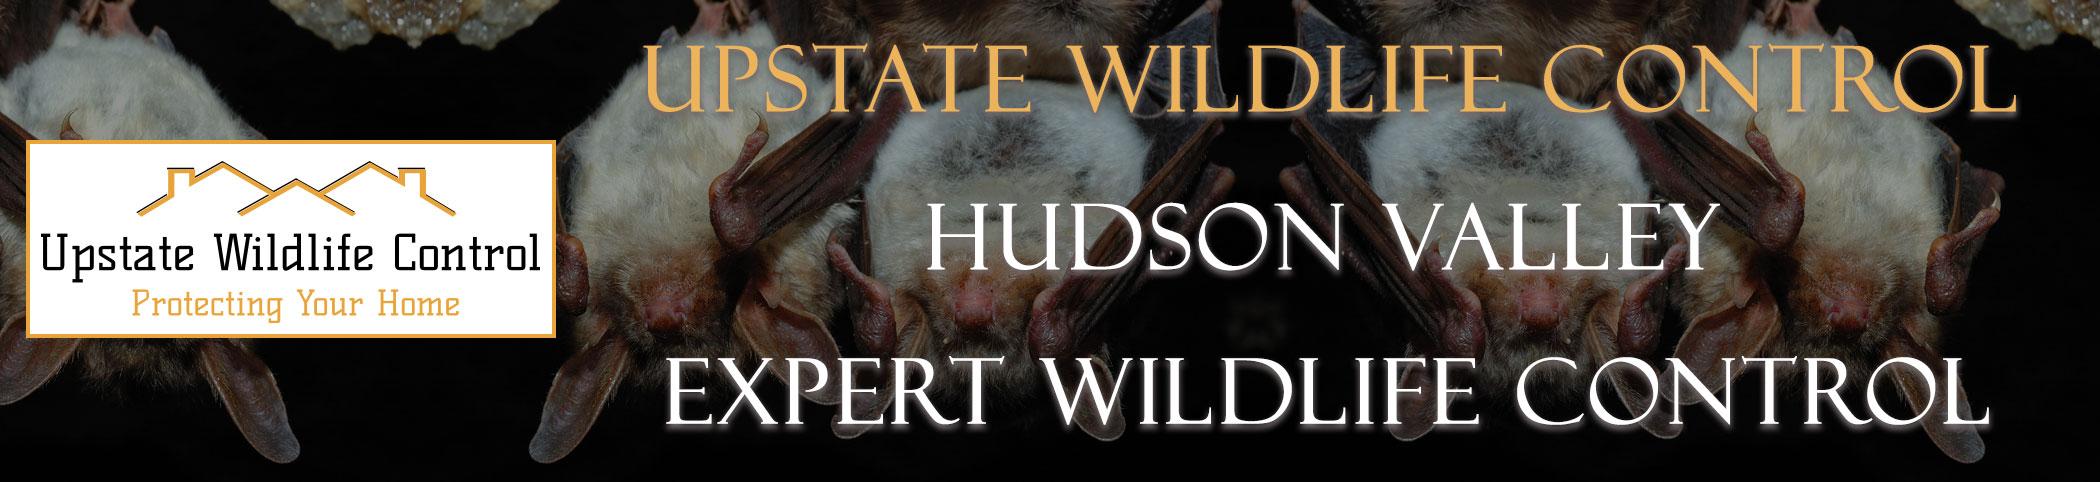 Upstate-Wildlife-Control-Hudson-Valley-header